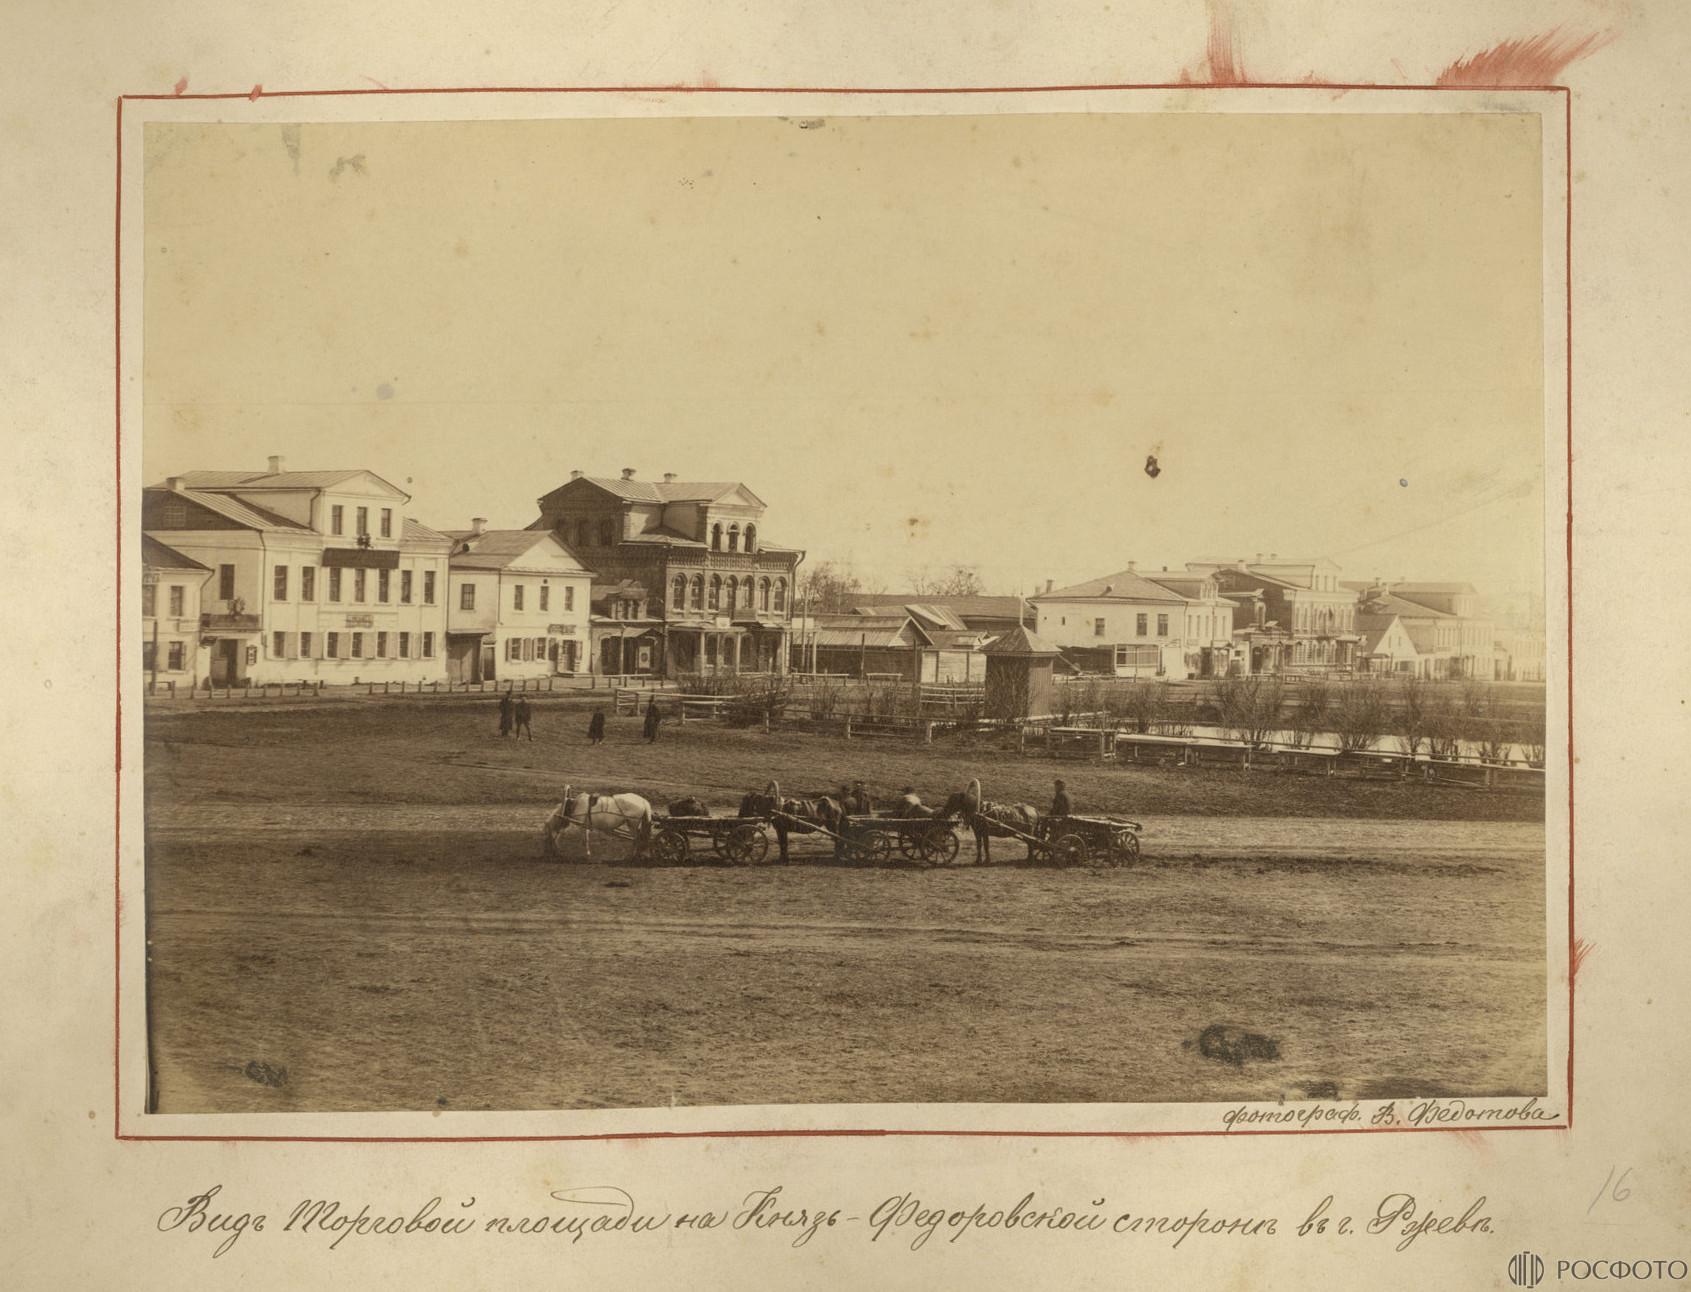 Князь-Федоровская сторона. Панорама Торговой площади.jpg